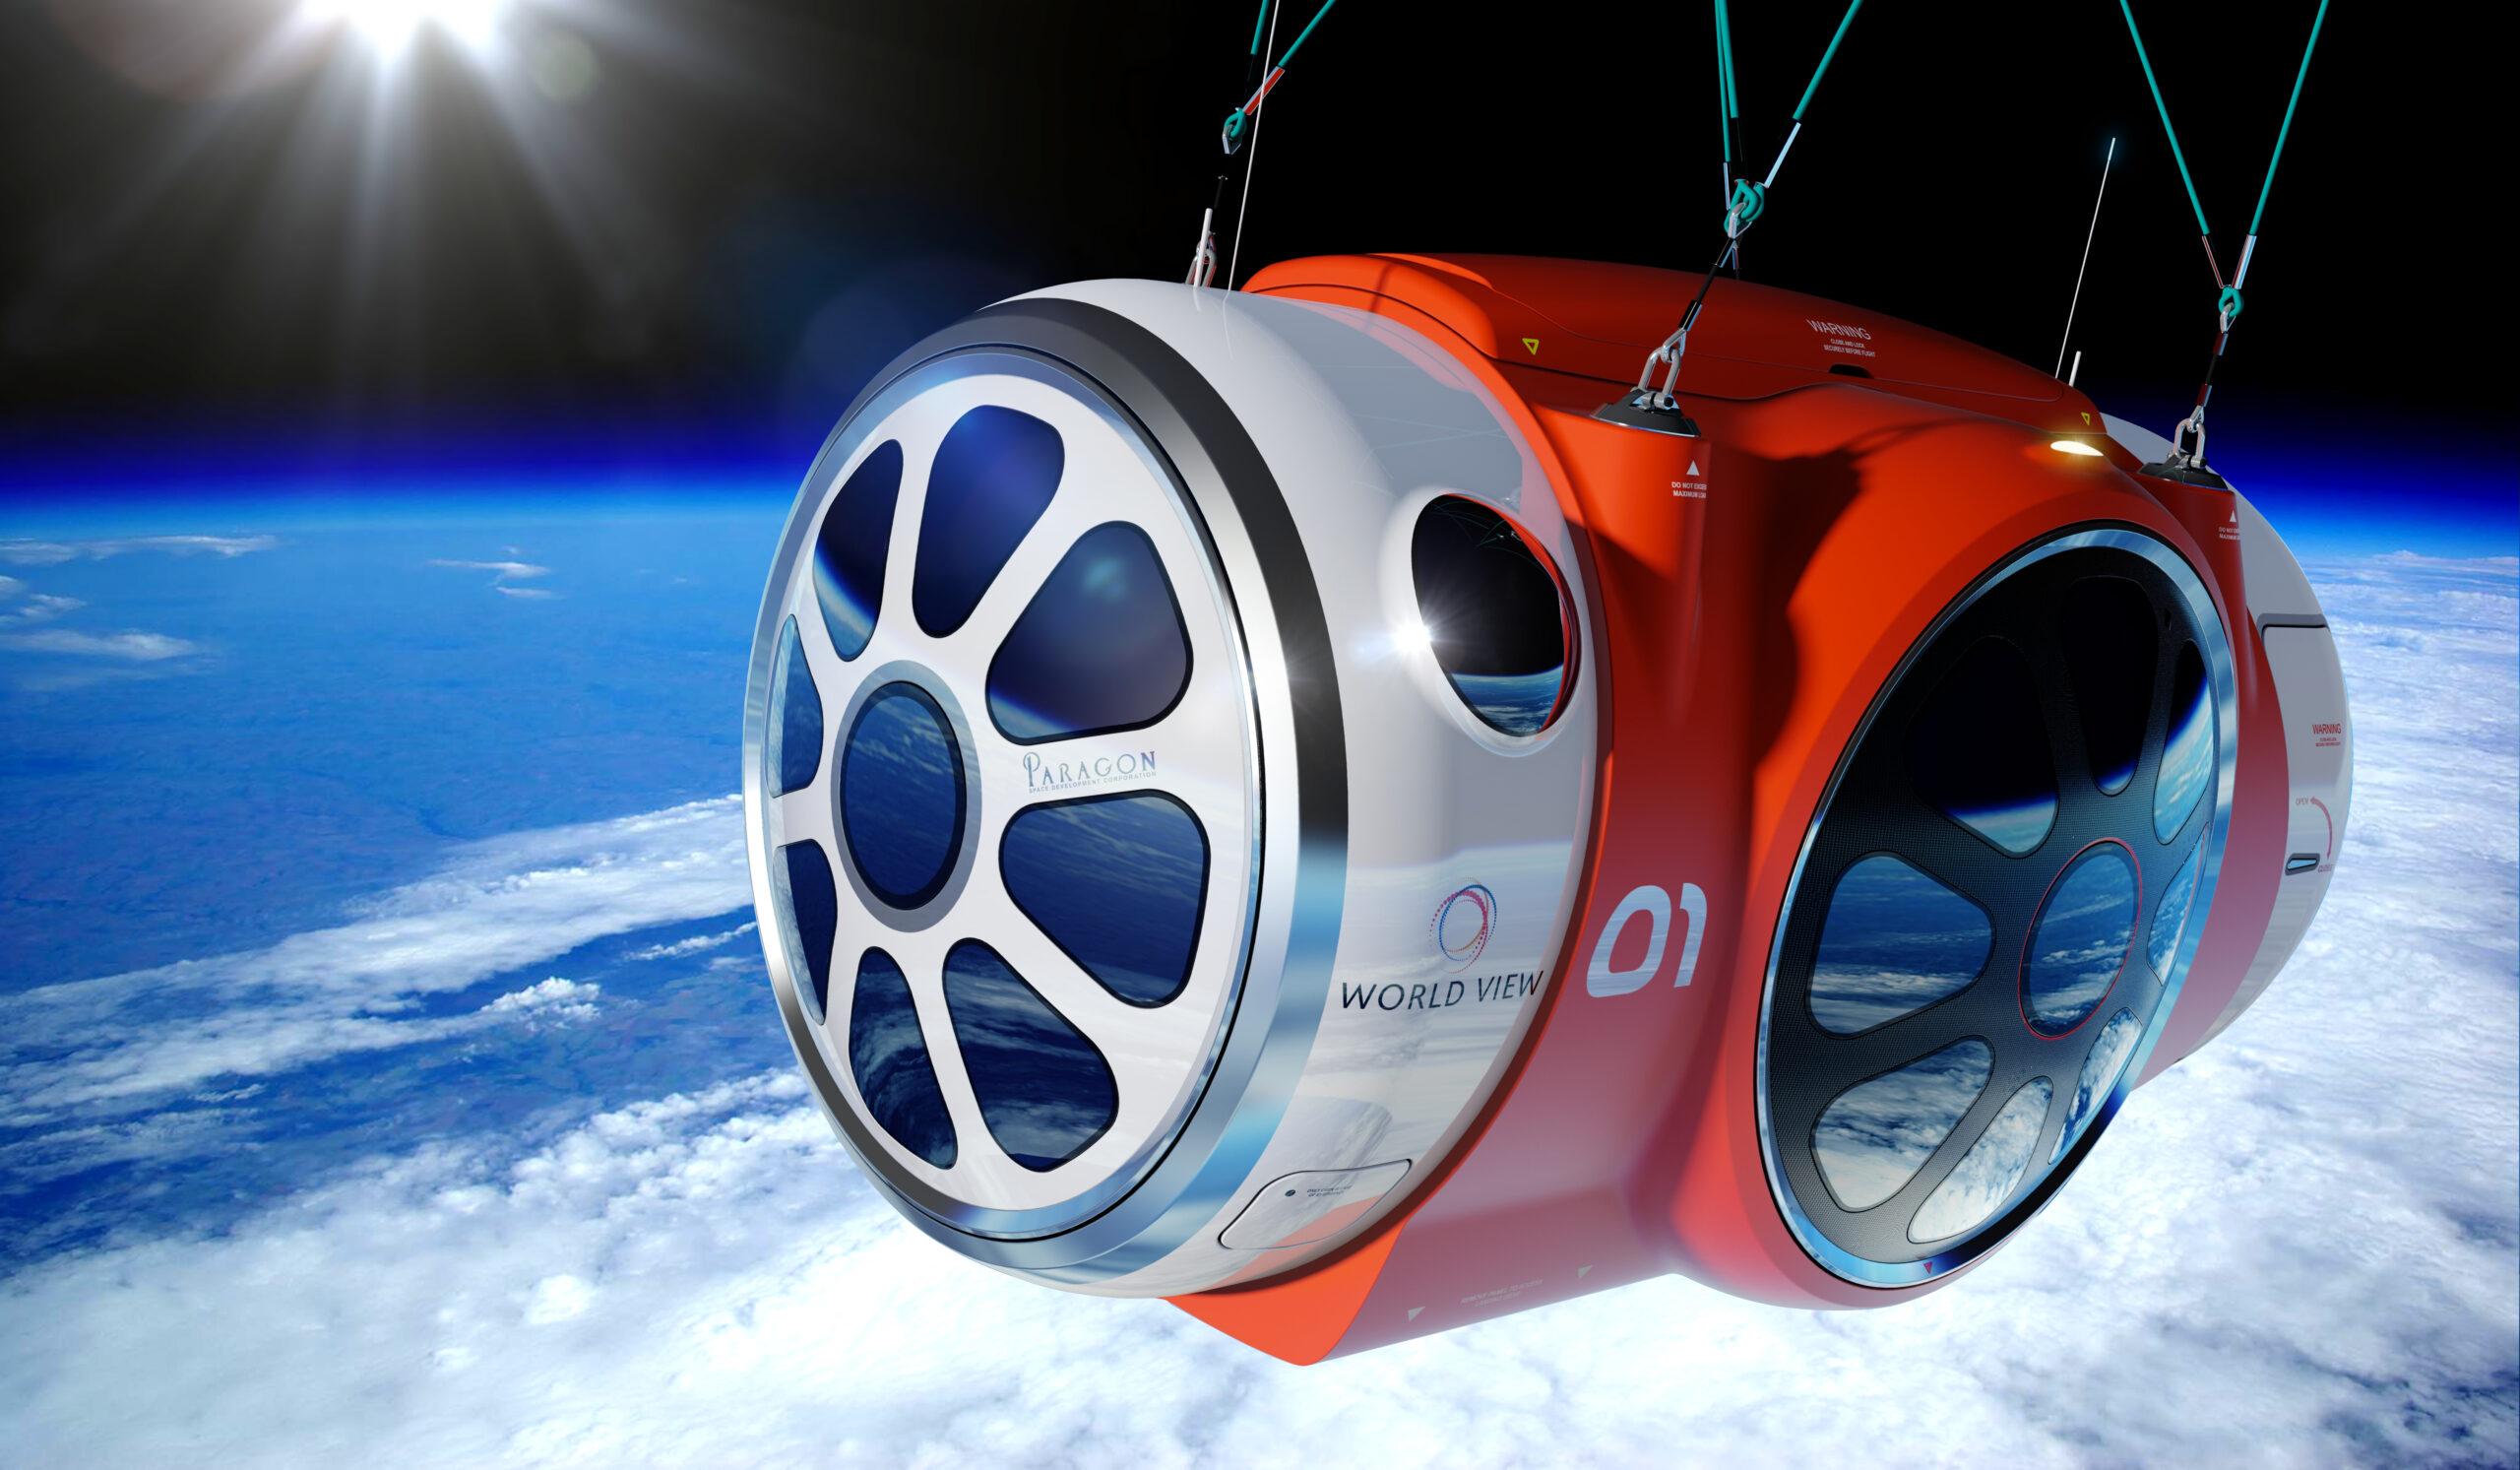 World View capsule, PriestmanGoode